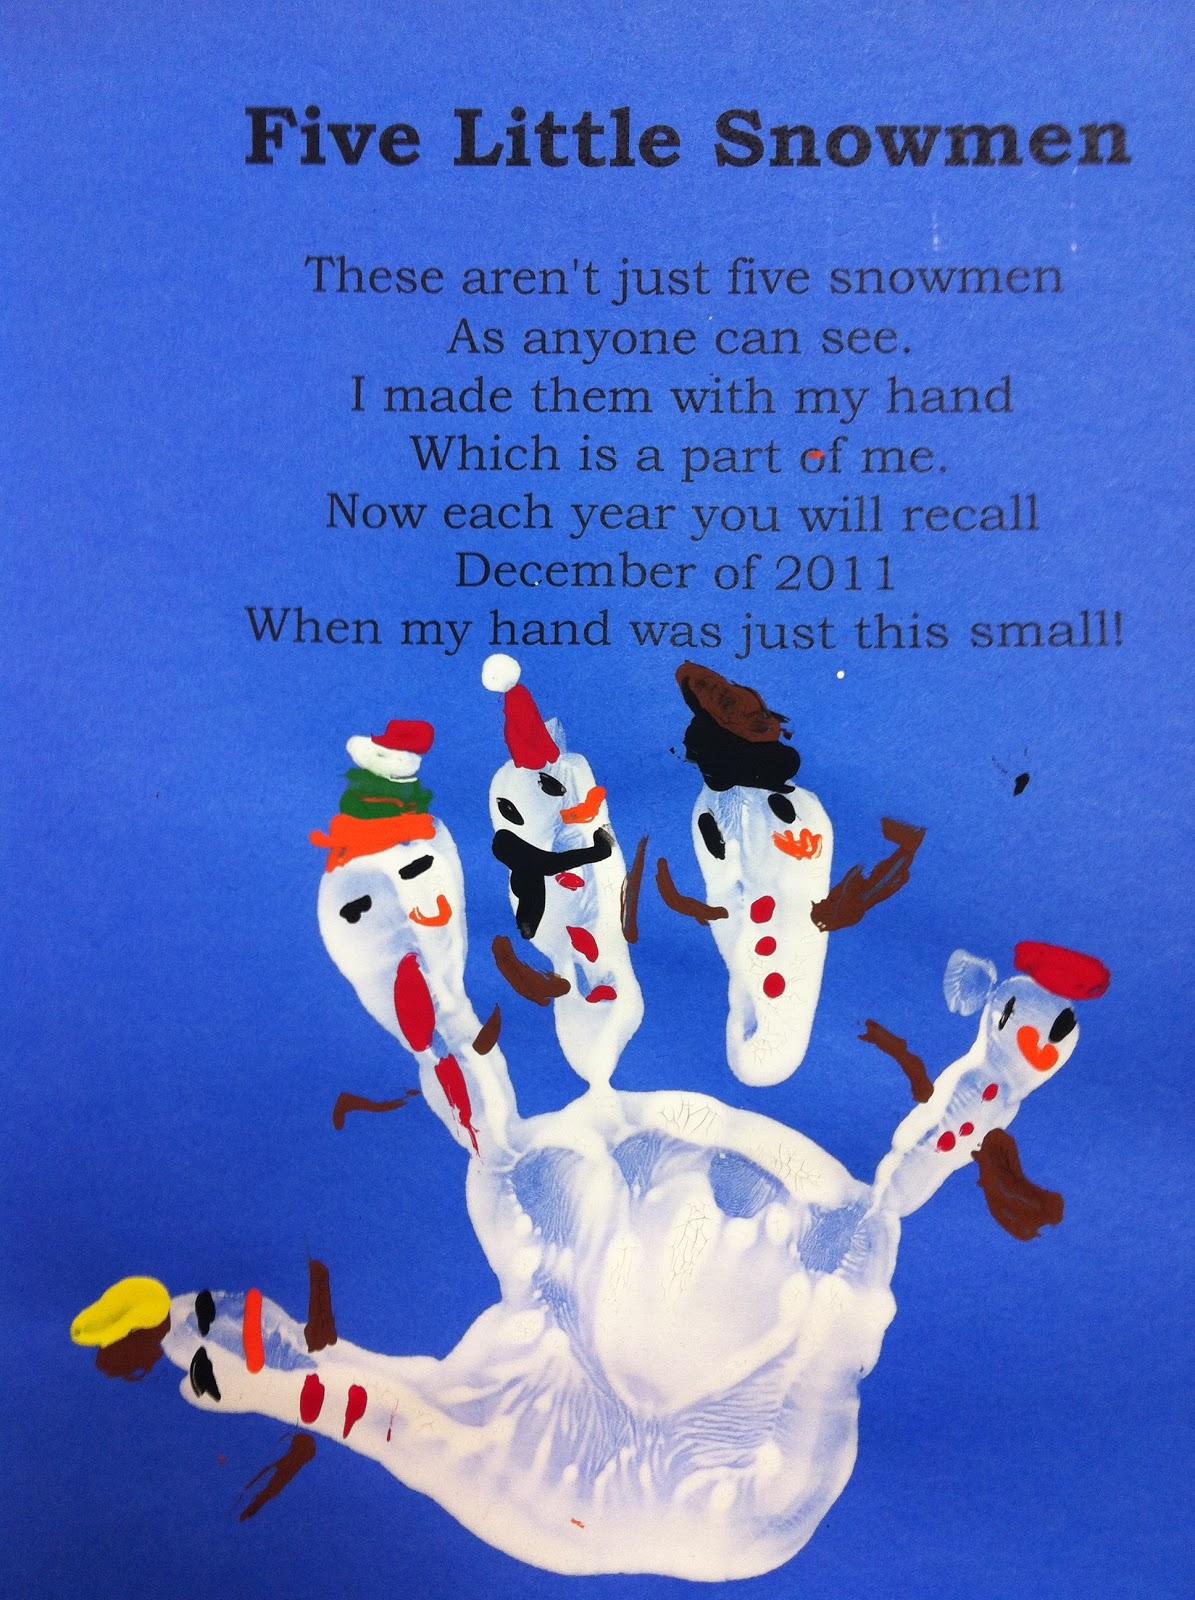 ... little snowmen 640 x 488 jpeg 66kb tippytoe crafts five little snowmen